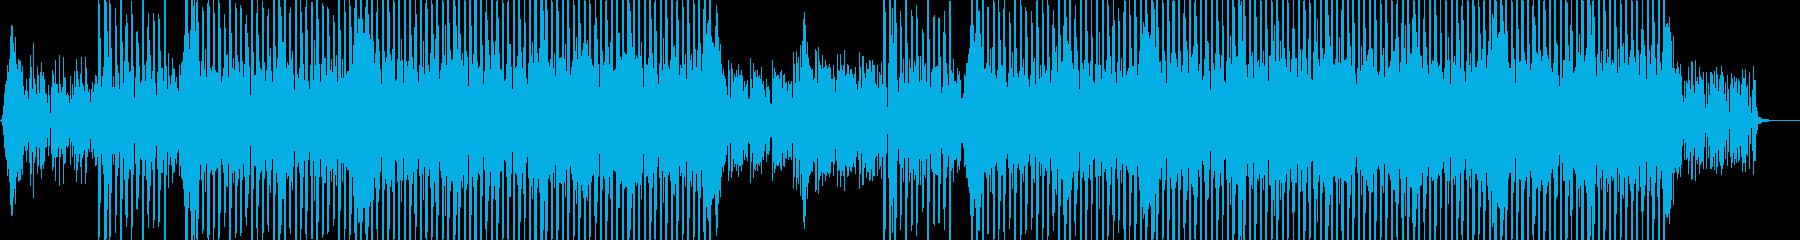 インテリジェンスなコーポレートBGMの再生済みの波形